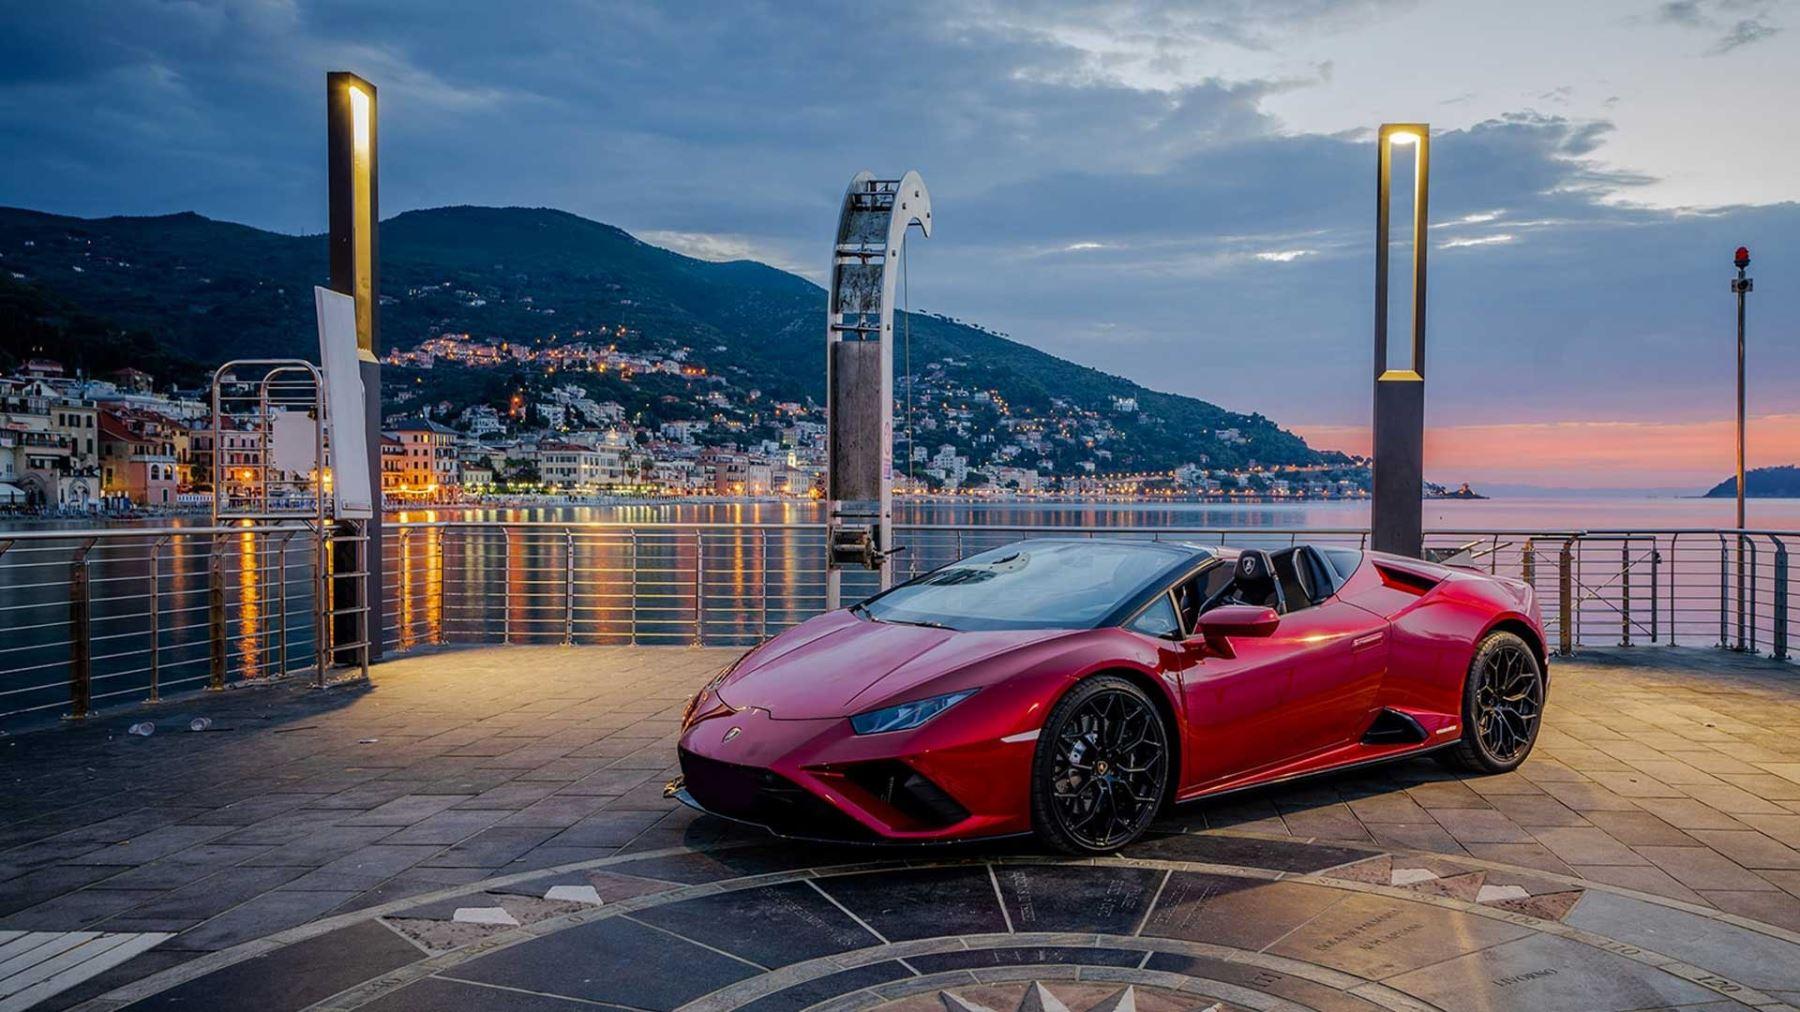 Lamborghini Huracan EVO RWD Spyder - Rewind to rear-wheel drive